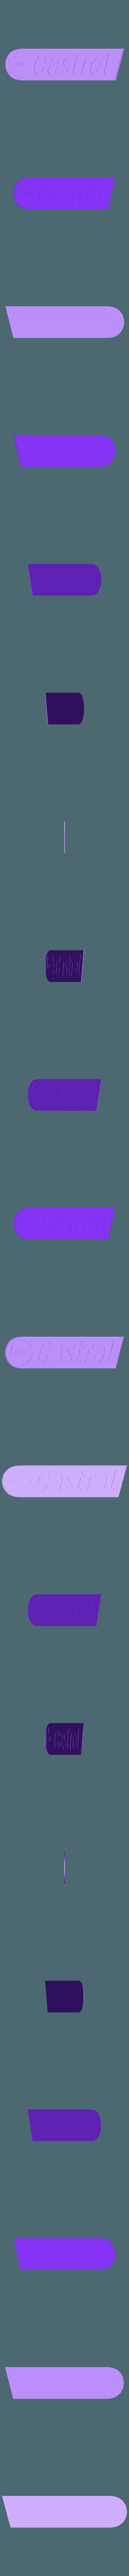 Castrol.stl Télécharger fichier STL gratuit plaque castrol • Modèle pour impression 3D, fantibus14